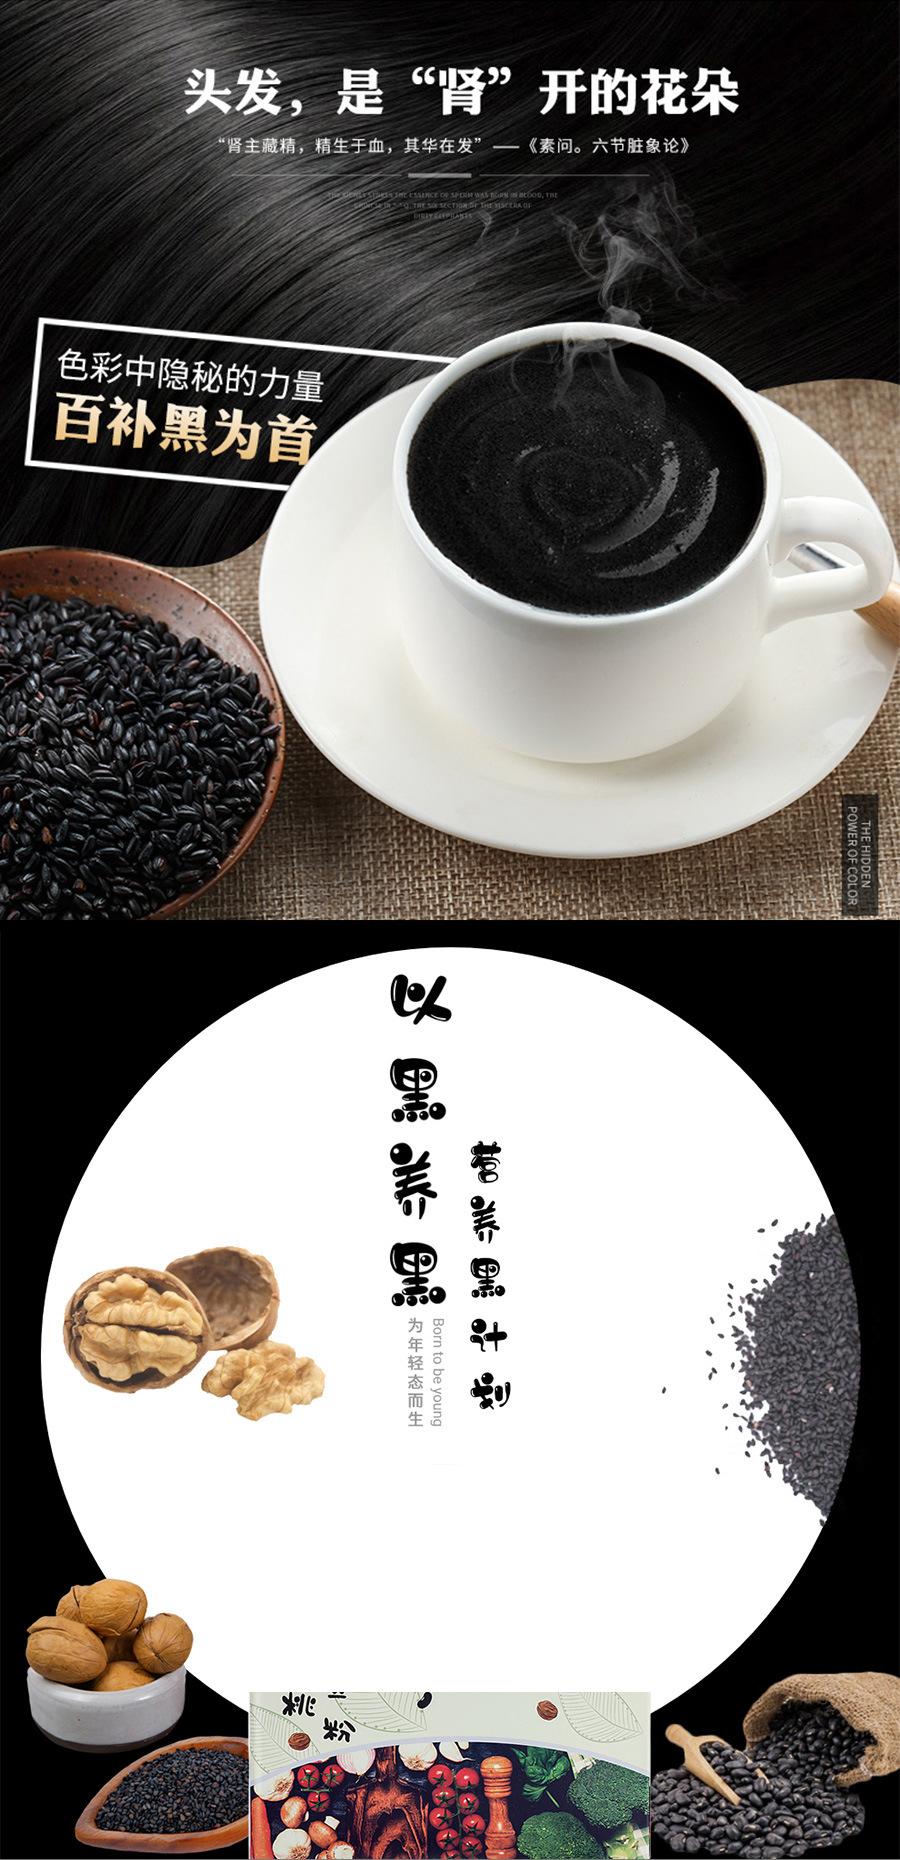 百未黑营养餐详情图切片5.jpg